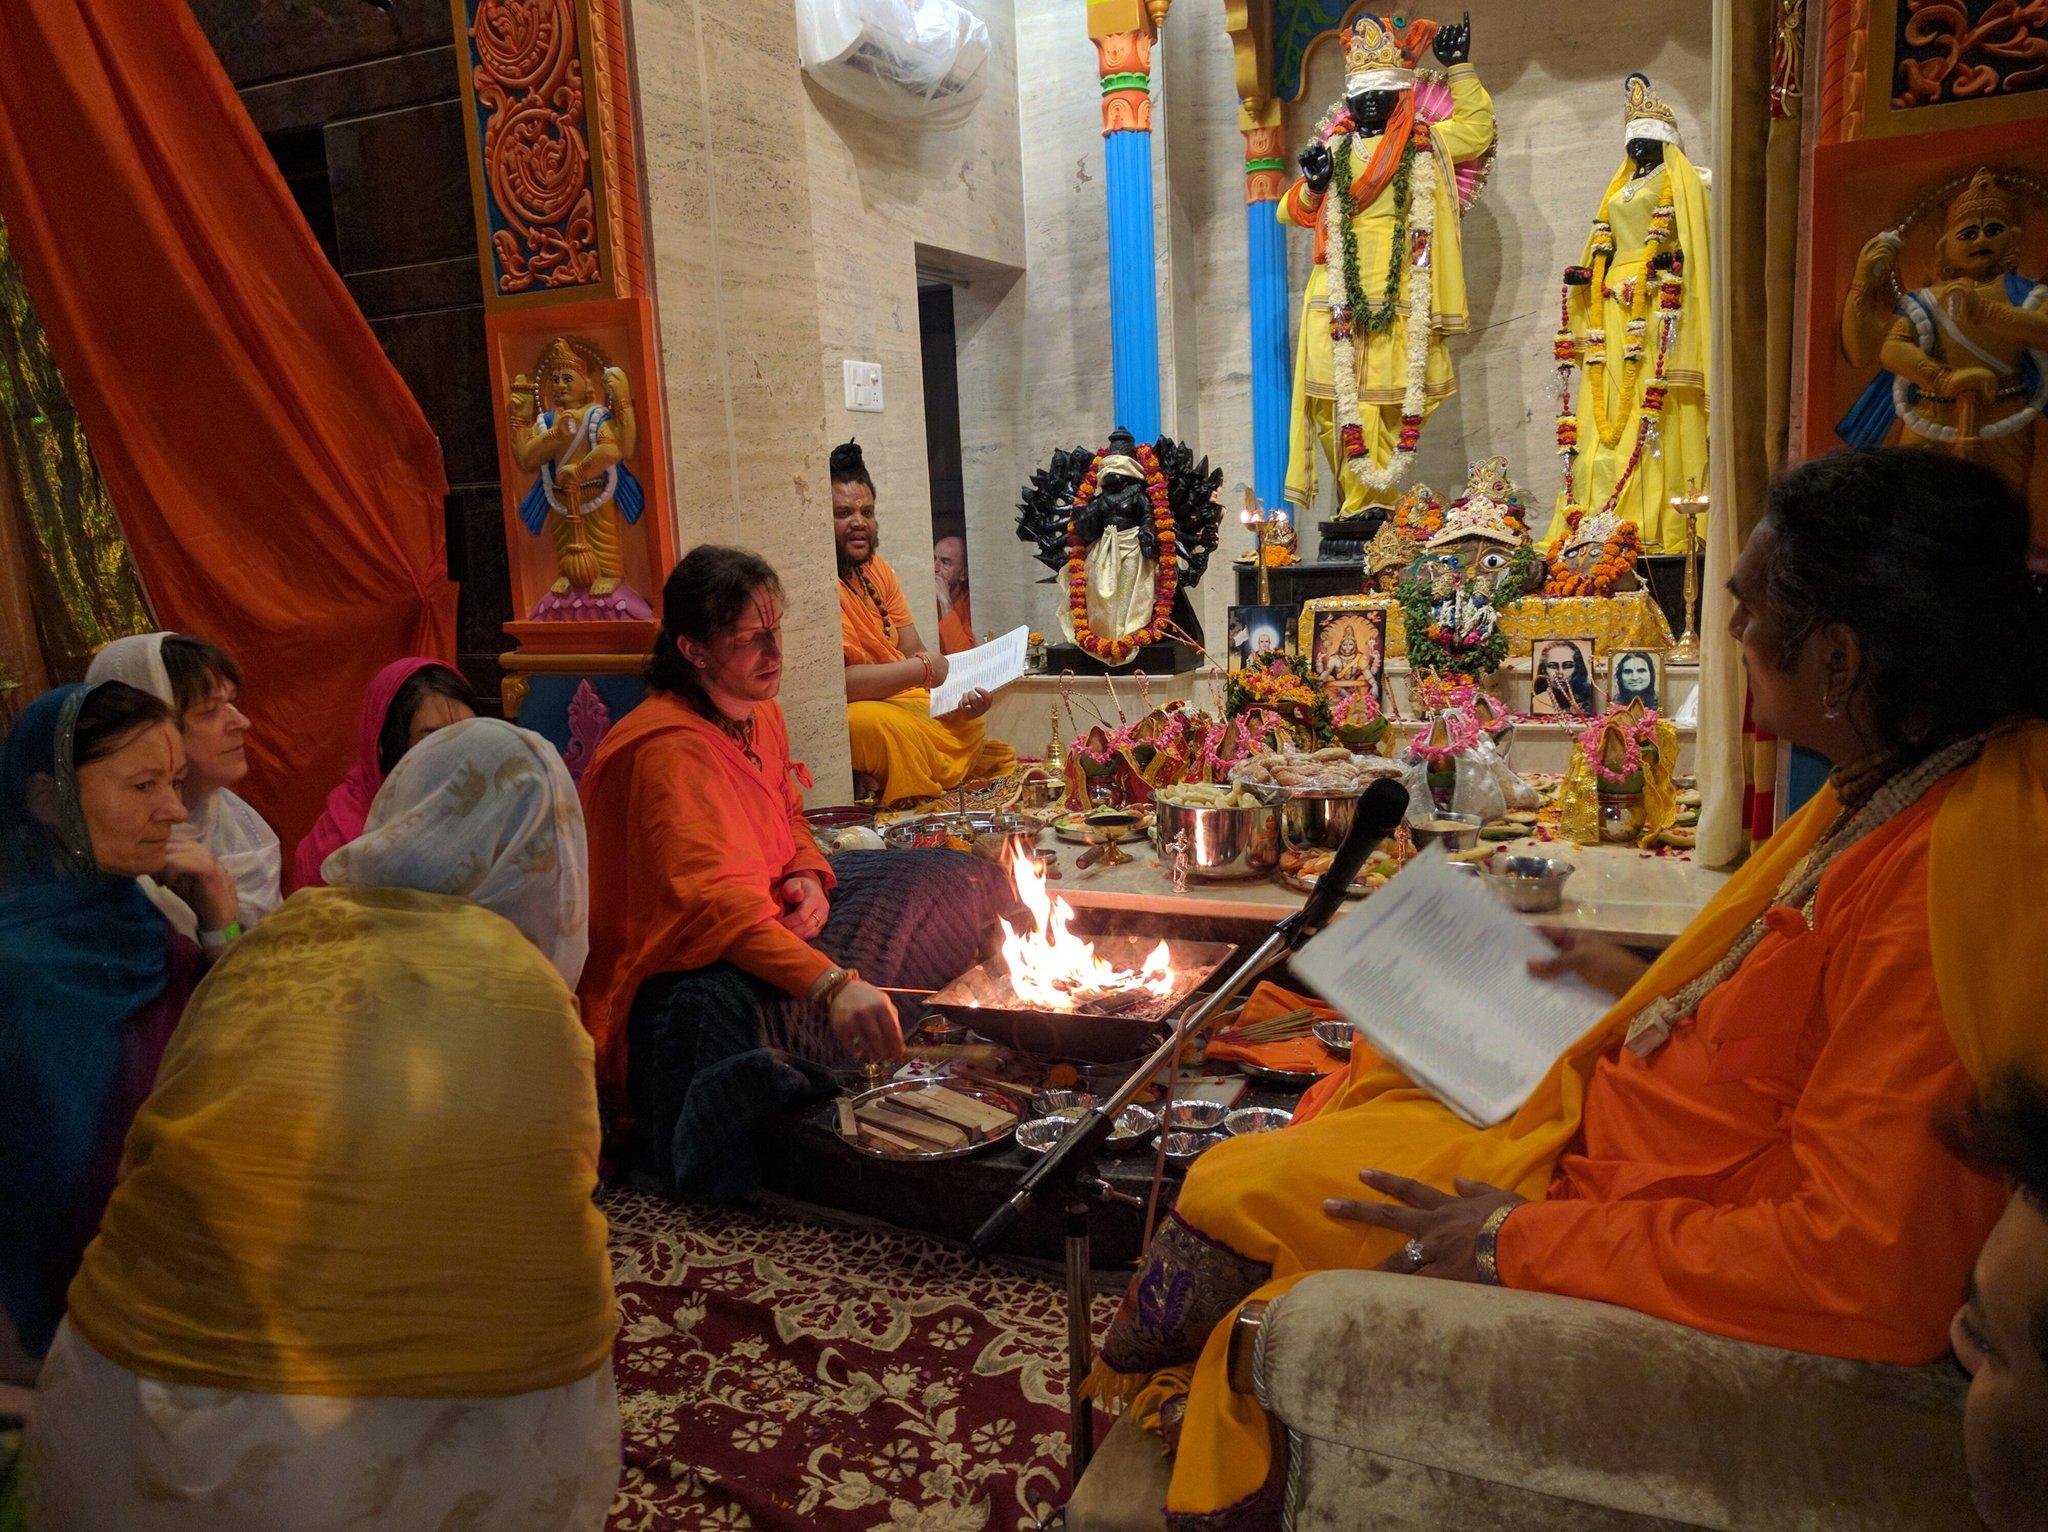 2016-12-02-shree-giridhar-dham-ashram3